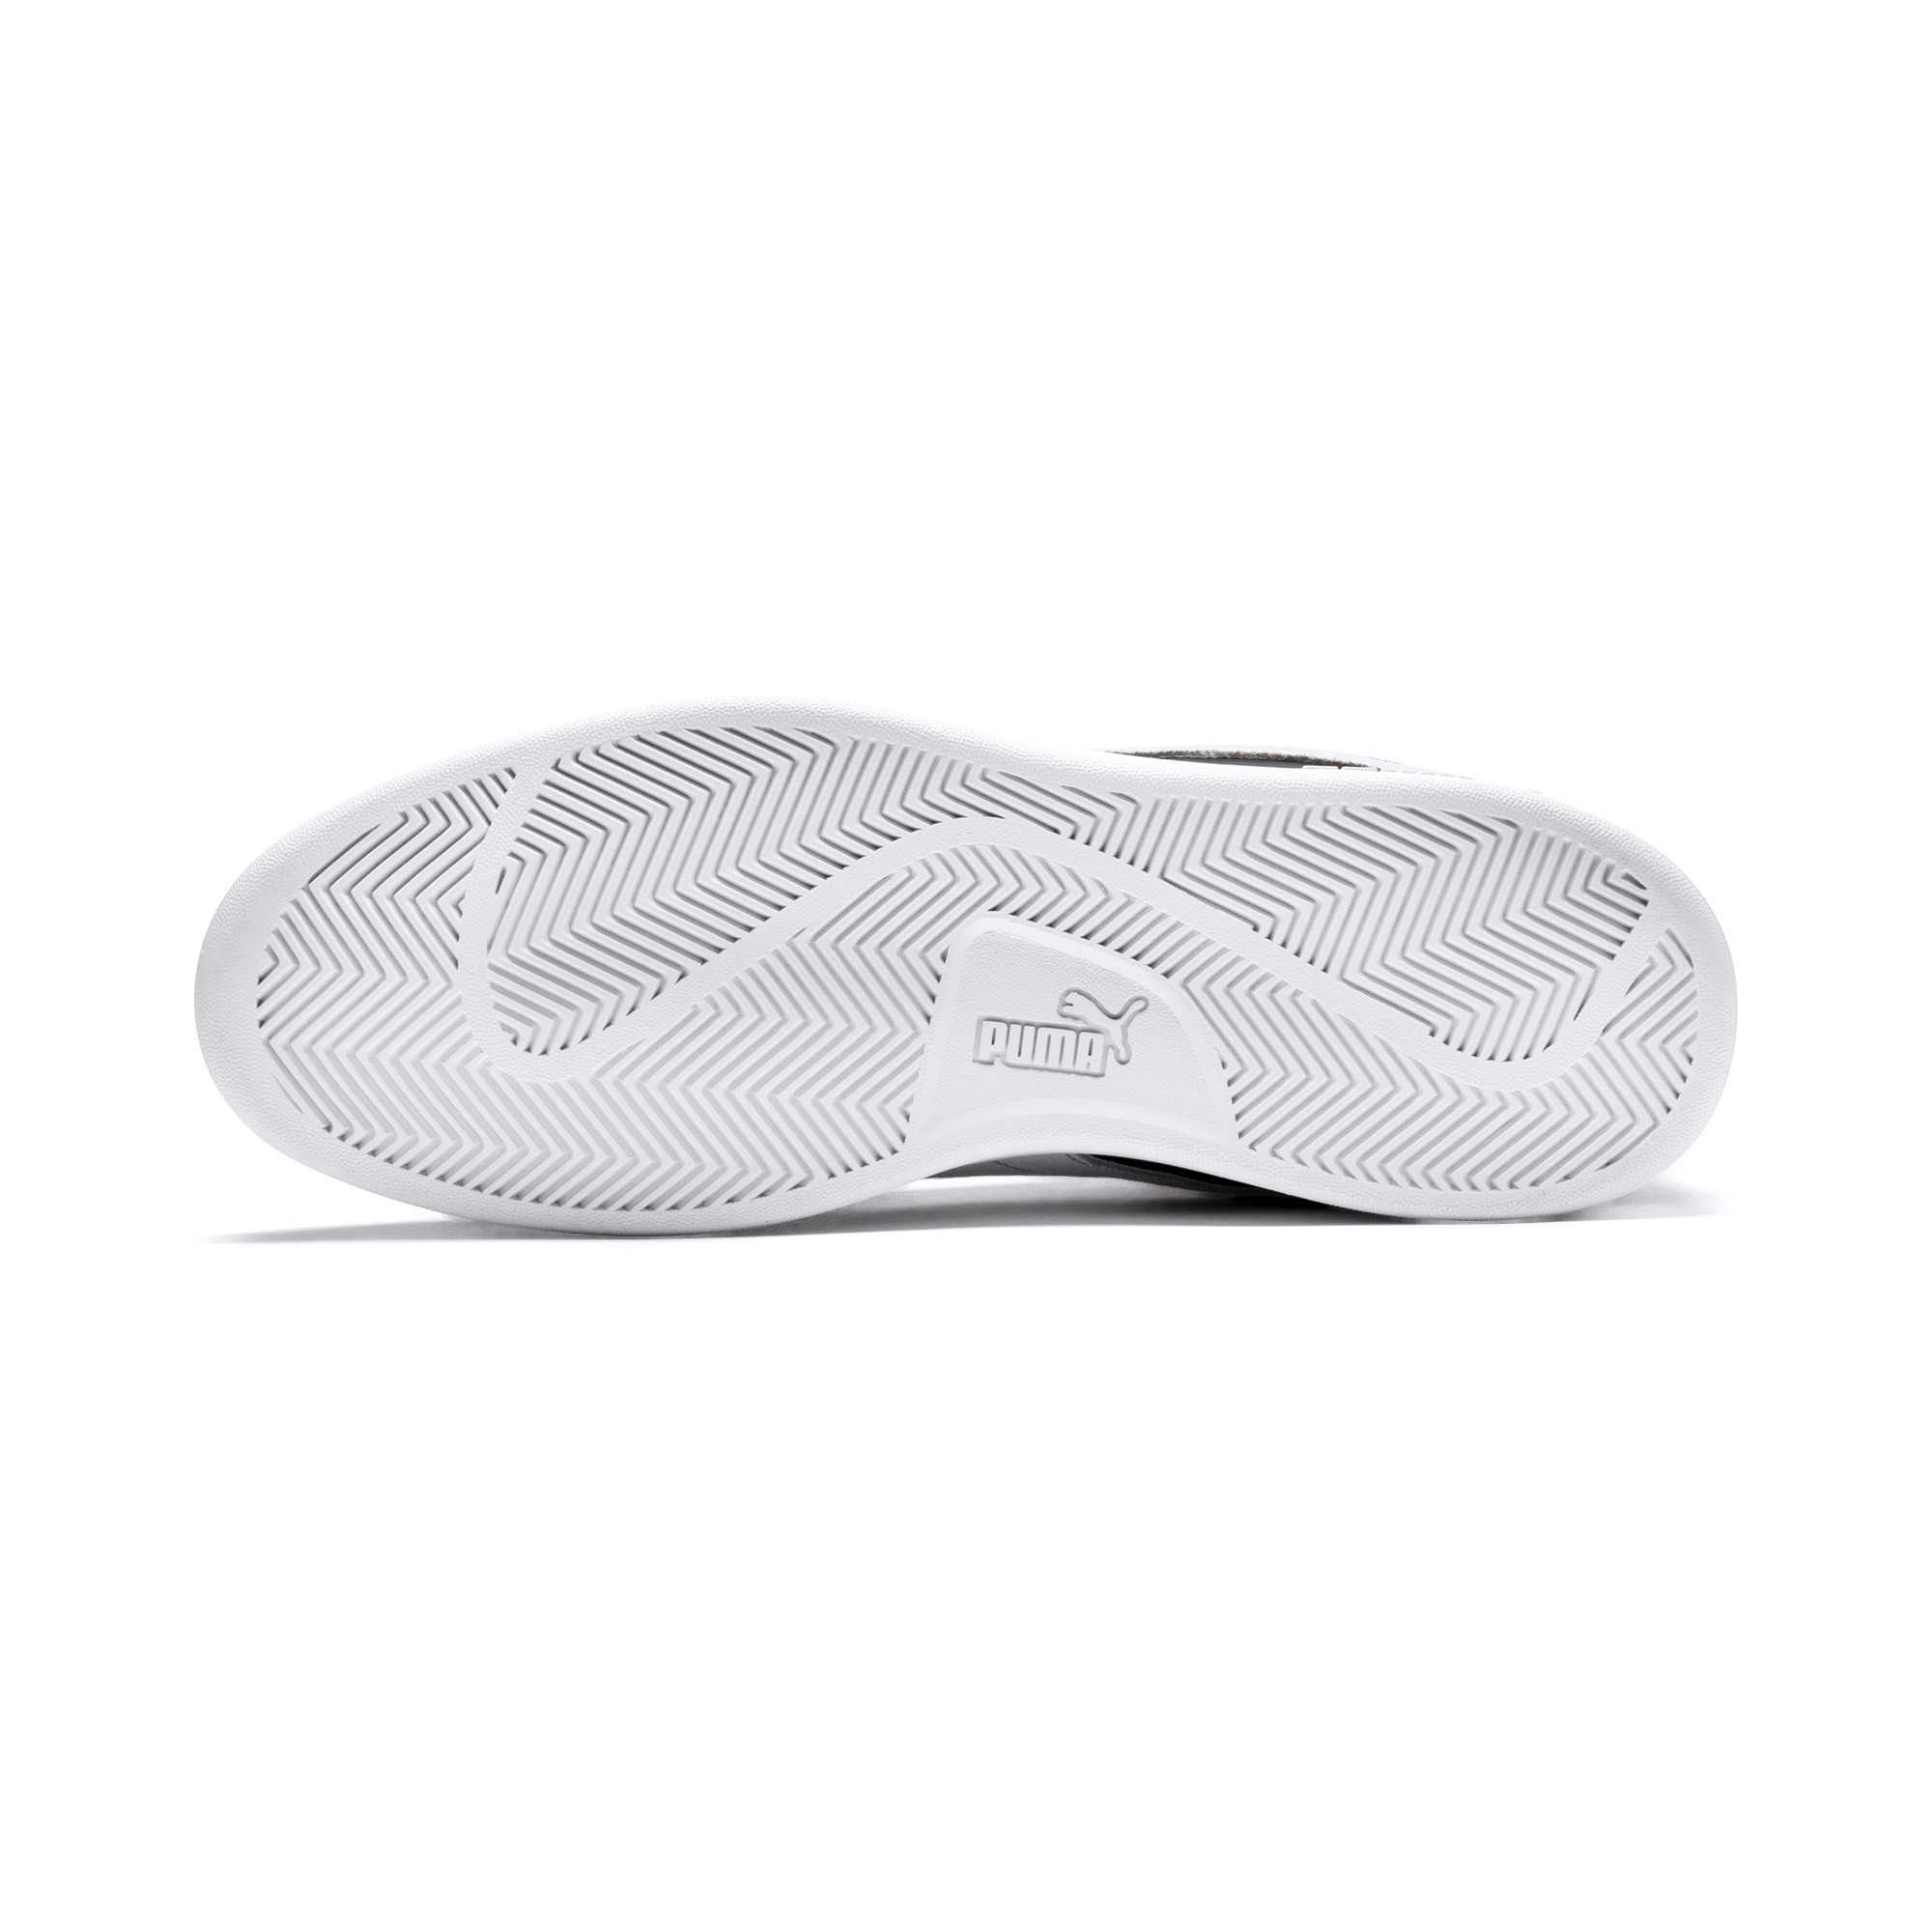 Puma-Scarpe-Sneakers-Sportive-Sportswear-SMASH-V2-L-Mid-2018-19-Nero-Uomo miniatura 8